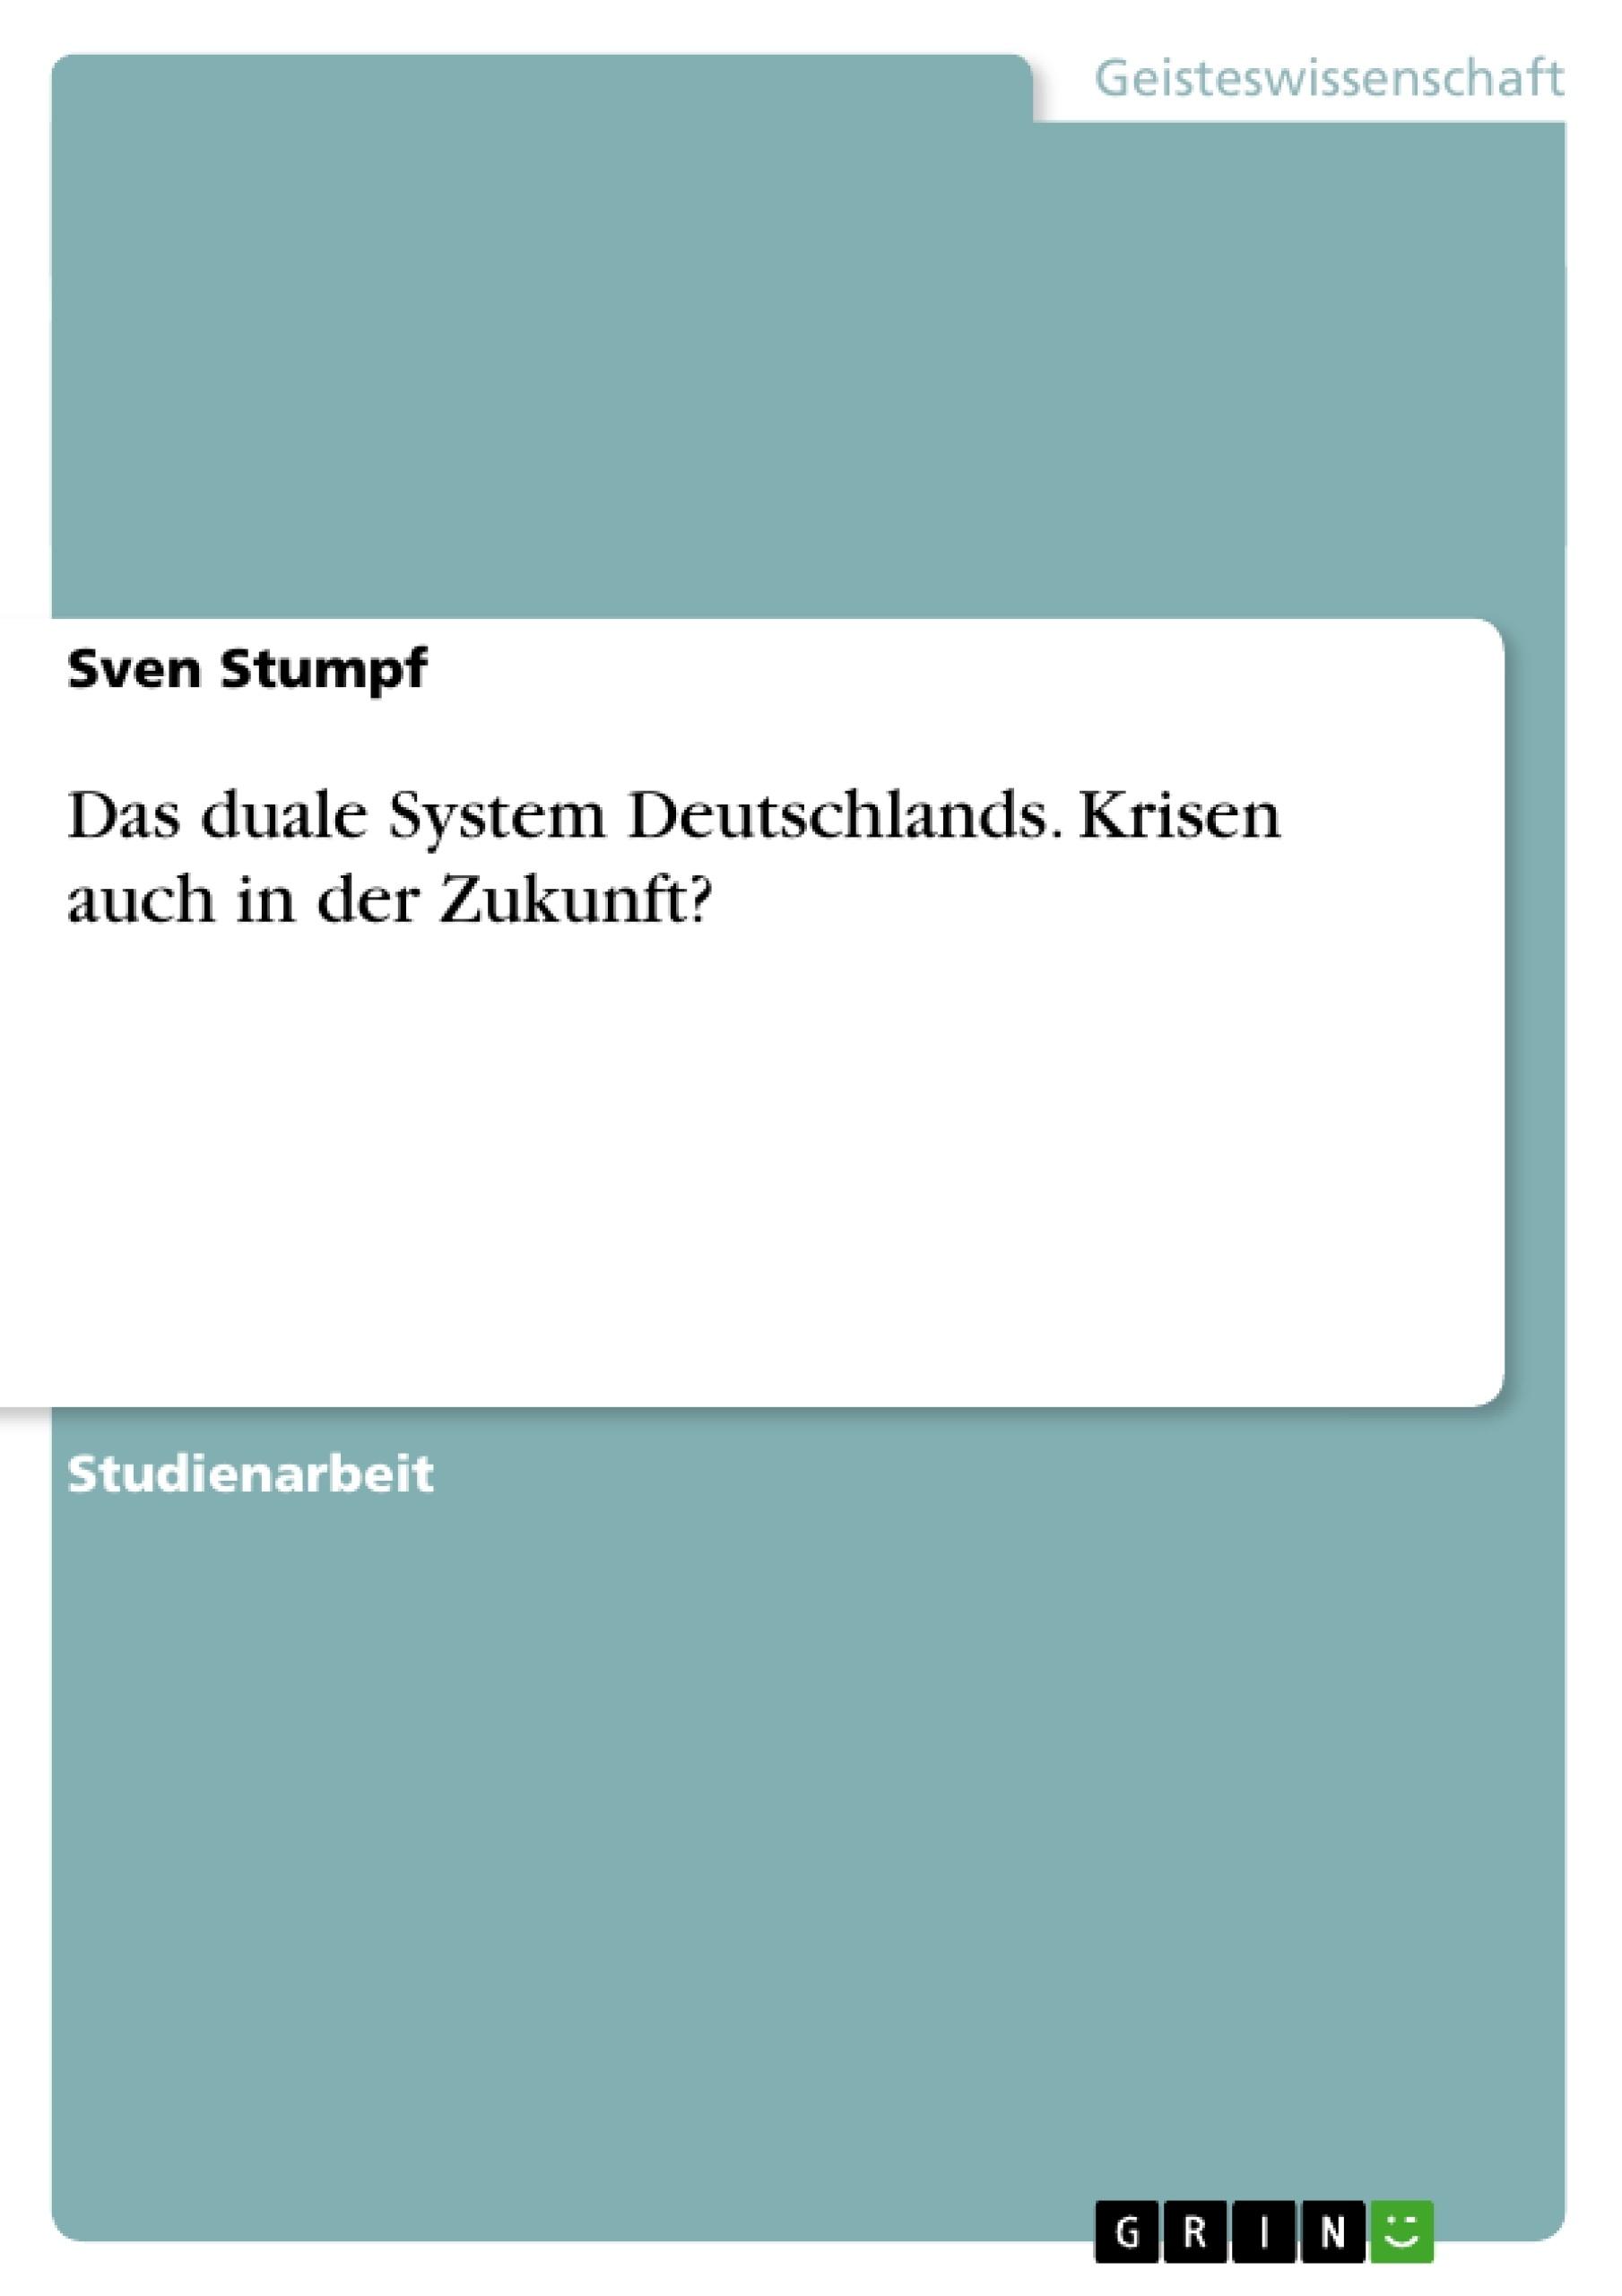 Titel: Das duale System Deutschlands. Krisen auch in der Zukunft?